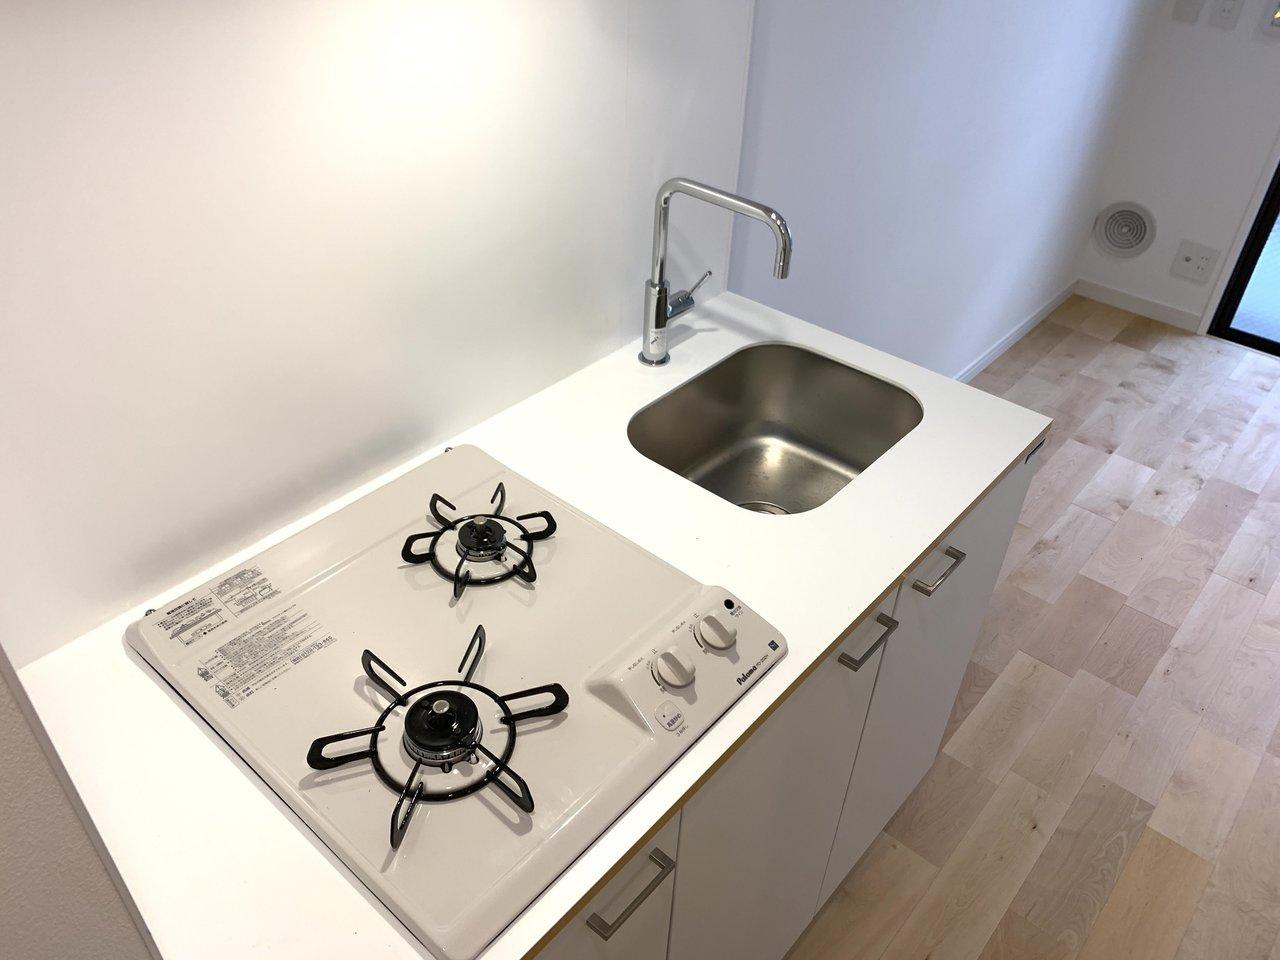 13㎡とややコンパクトなお部屋ですが、キッチンはしっかりガス2口なのが嬉しいですね。